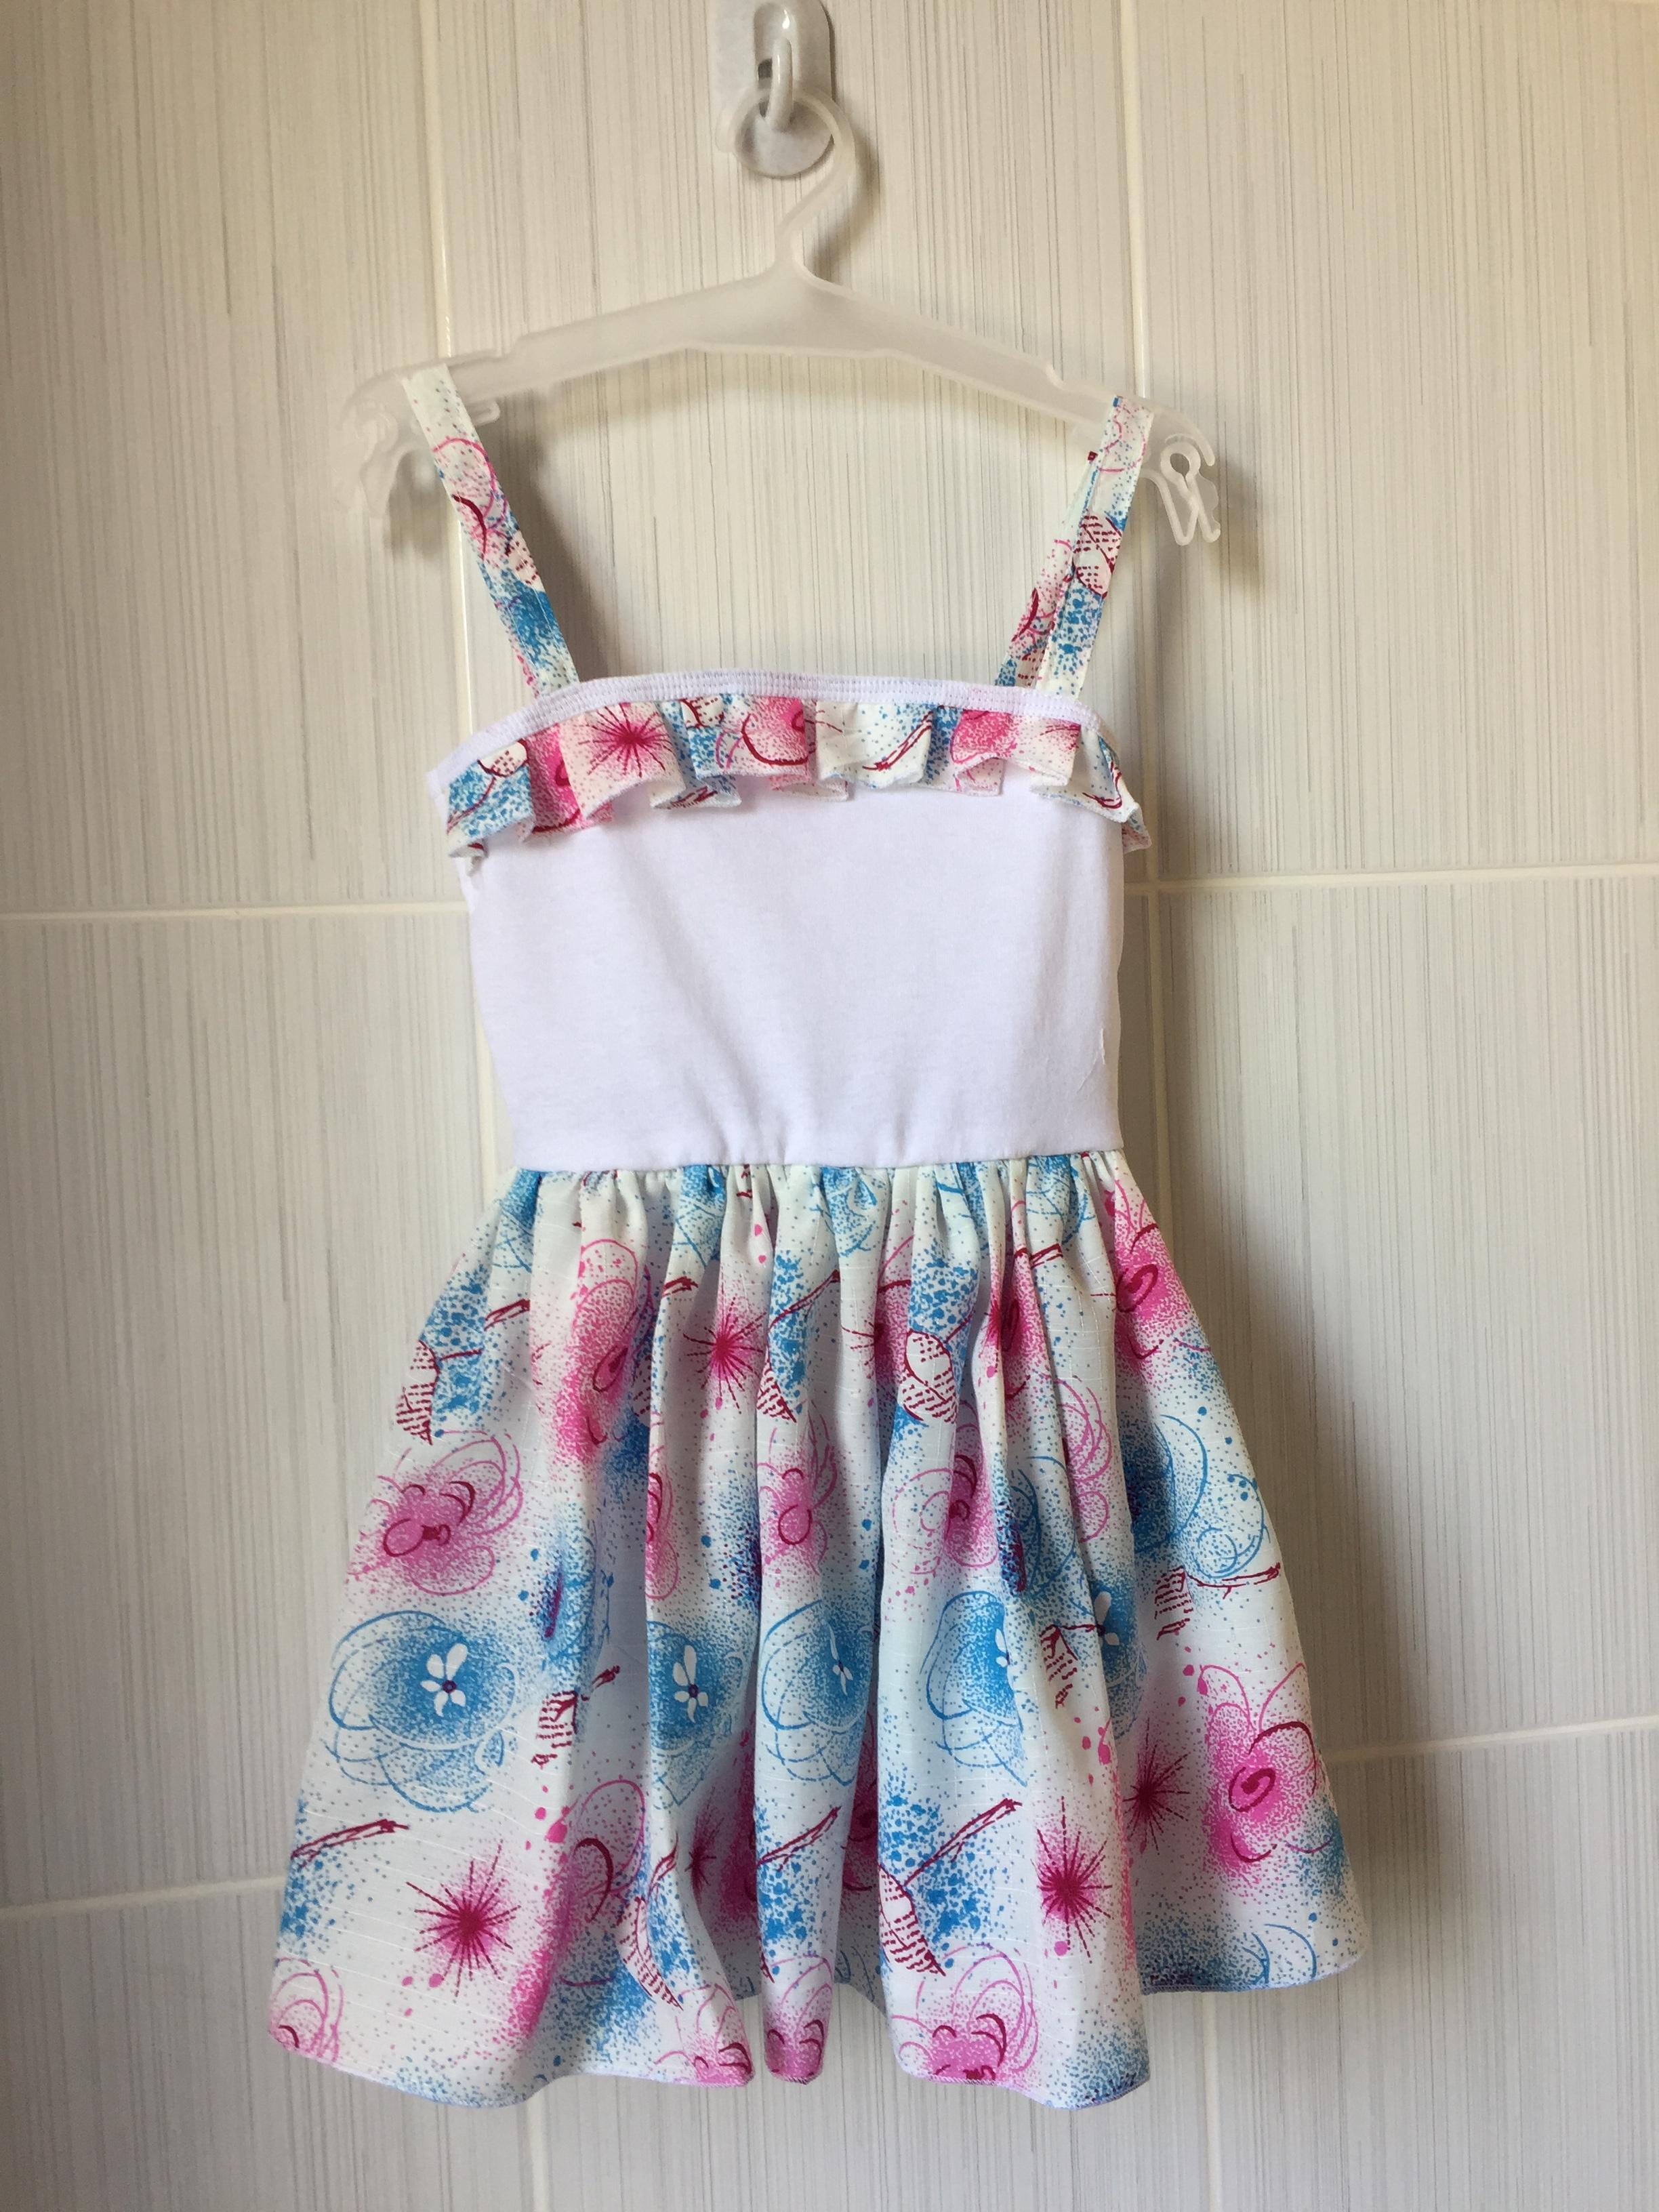 Нарядне дитяче плаття для урочистих подій 4a14e5007acda